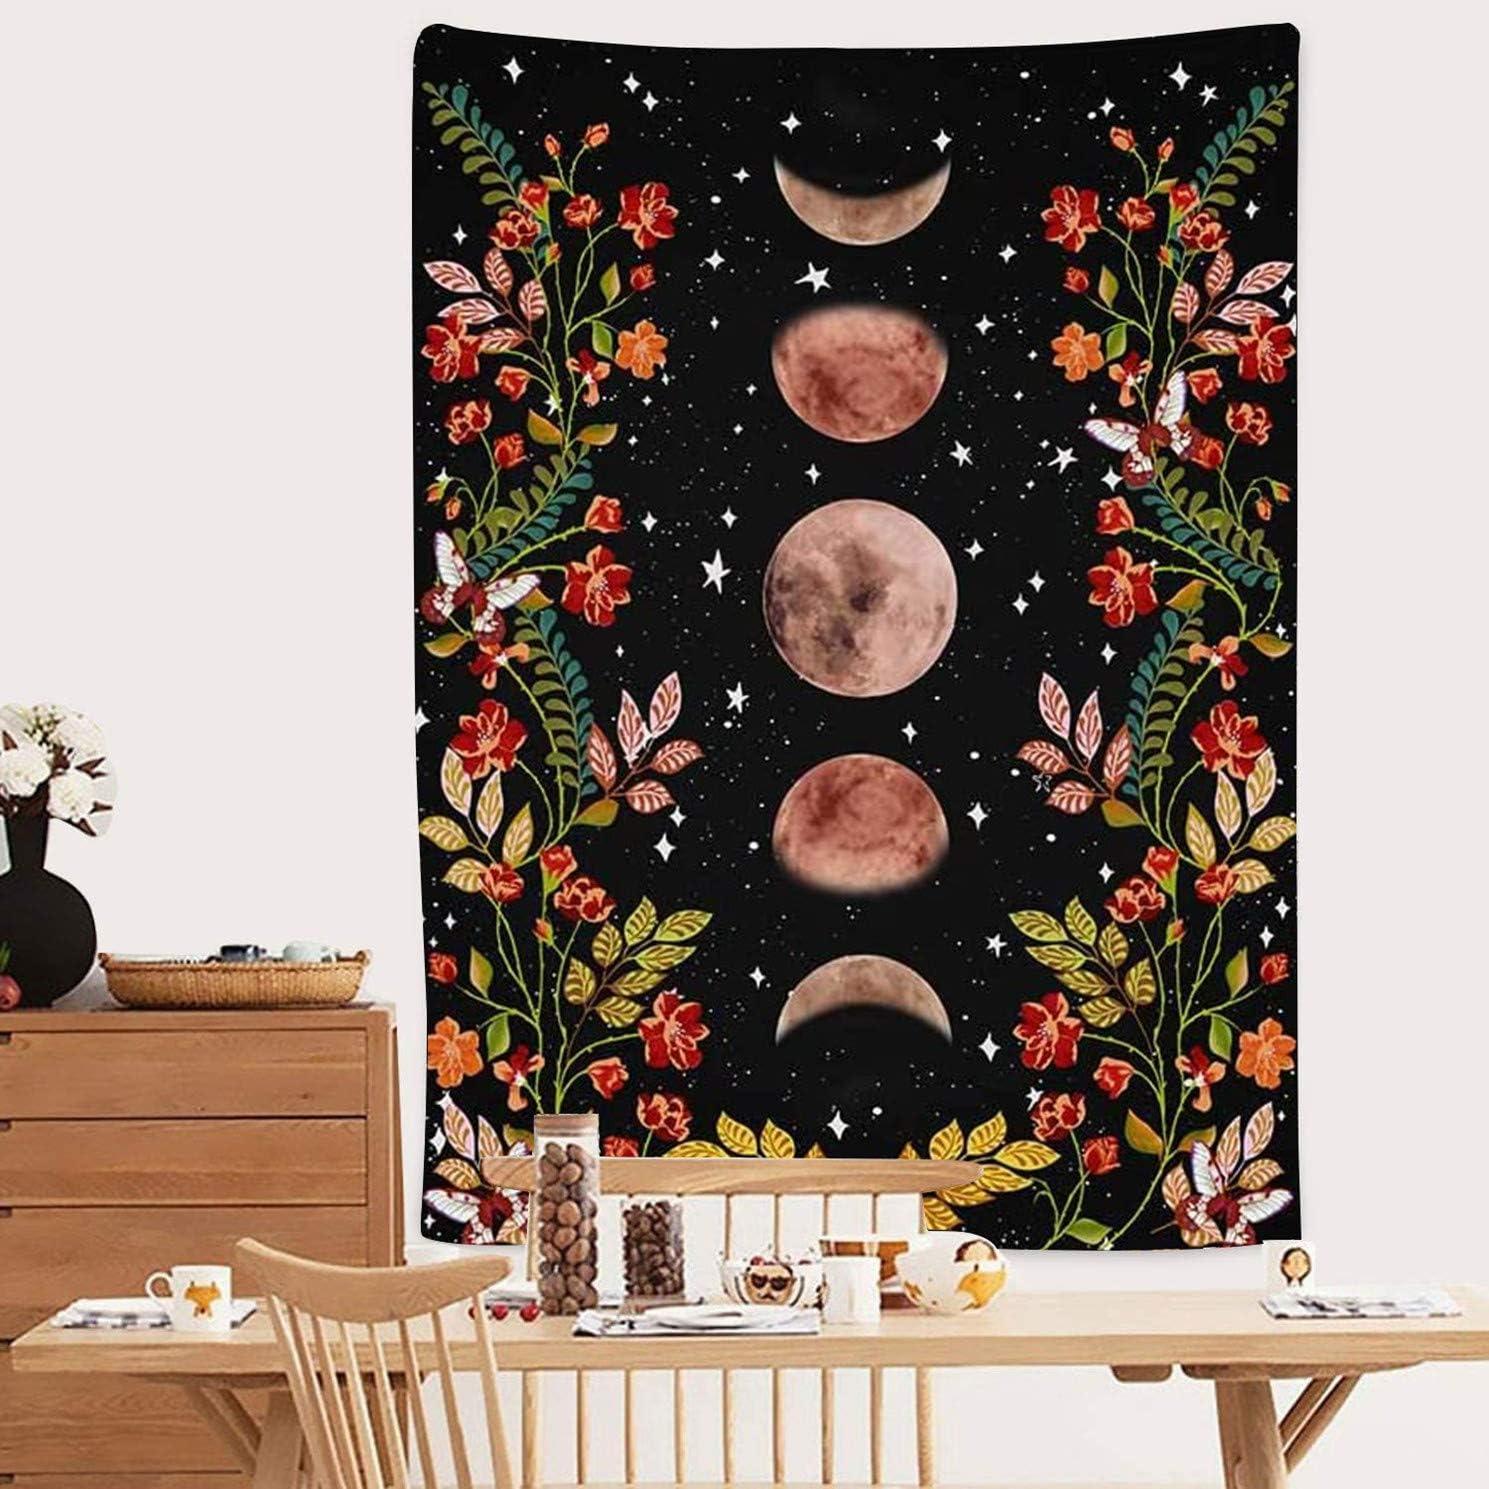 Alumuk Lune Light Jardin Tapisserie Tapis Mural Phase de Lune entour/é de vigne et fleurs Tapisserie Toile Noir D/écoration Murale pour Salon Chambre